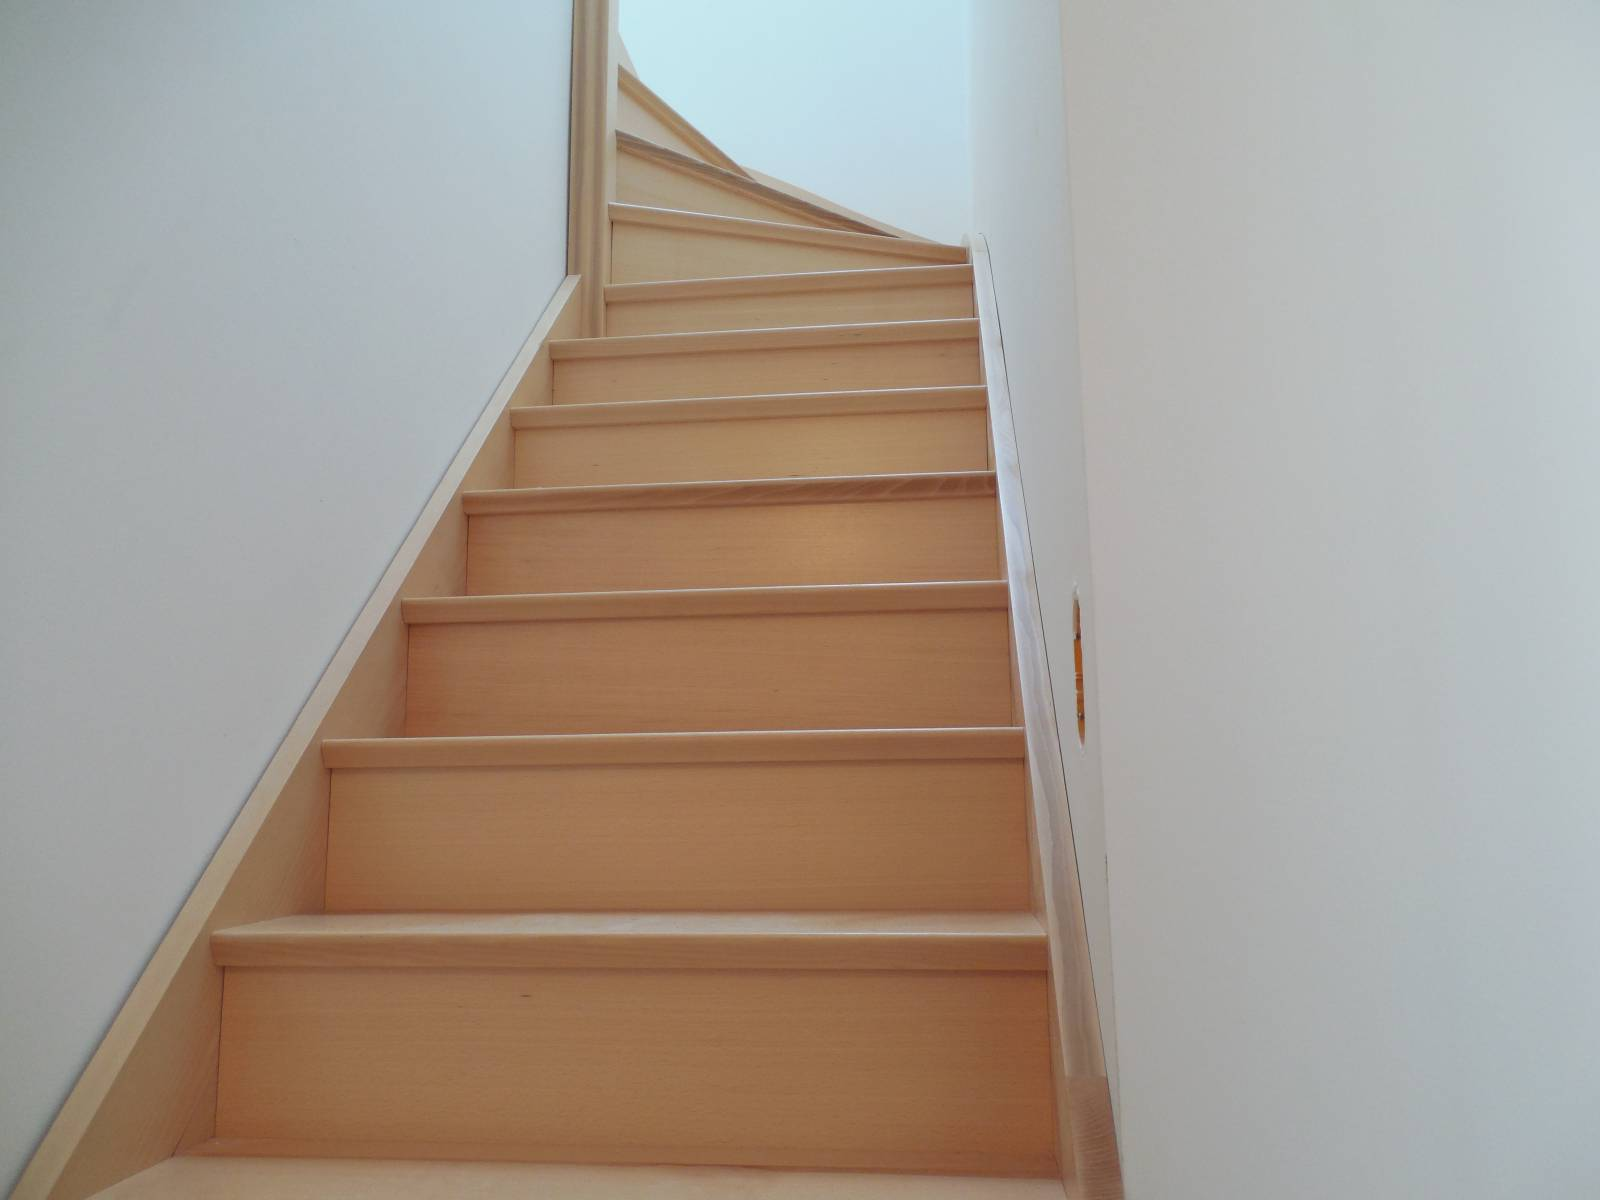 Fabrication Et Mise En Place D Un Escalier A Deux Quarts